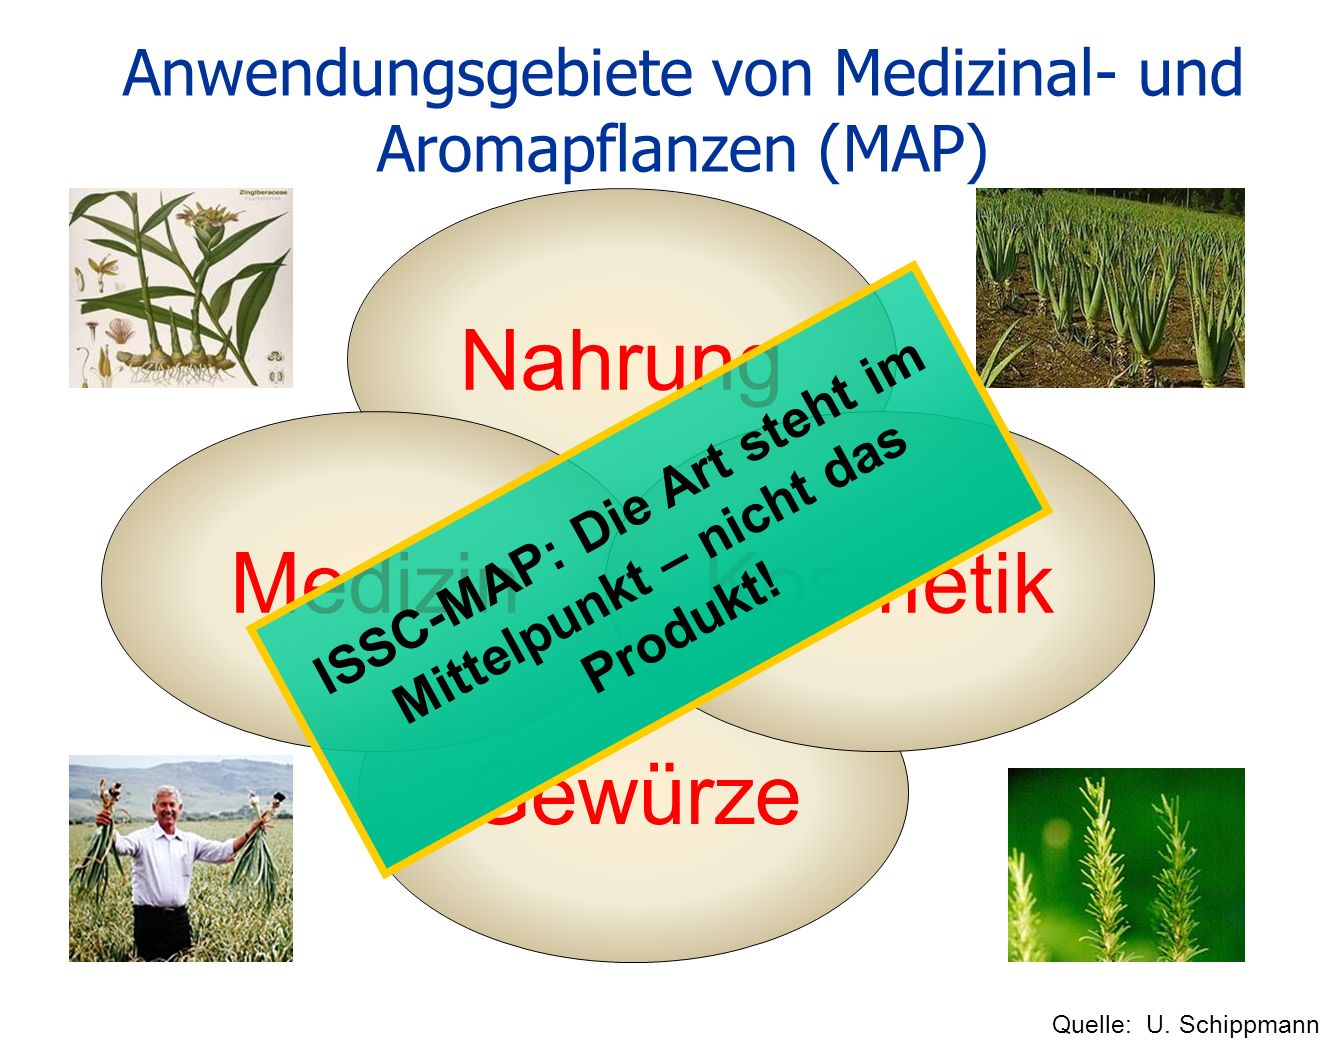 Anwendungsgebiete von Medizinal- und Aromapflanzen (MAP)